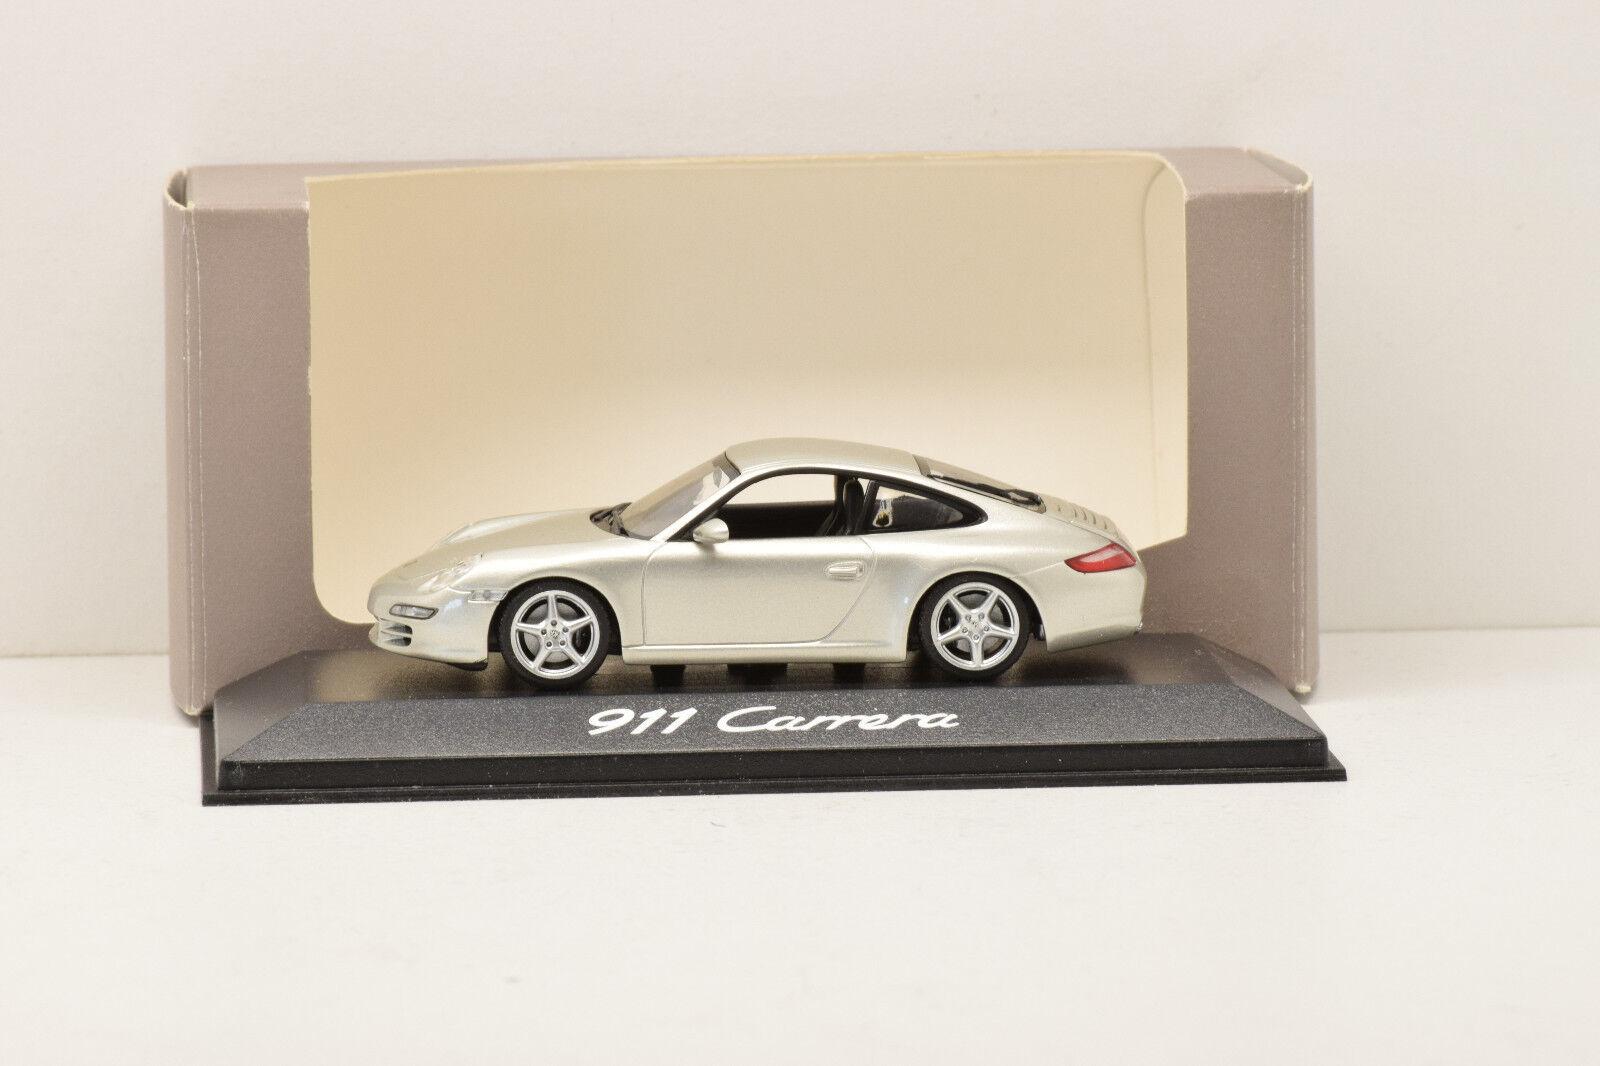 PORSCHE 911 CARRERA 2004 MINICHAMPS 1 43 NEUF EN BOITE PROMOTIONNELLE